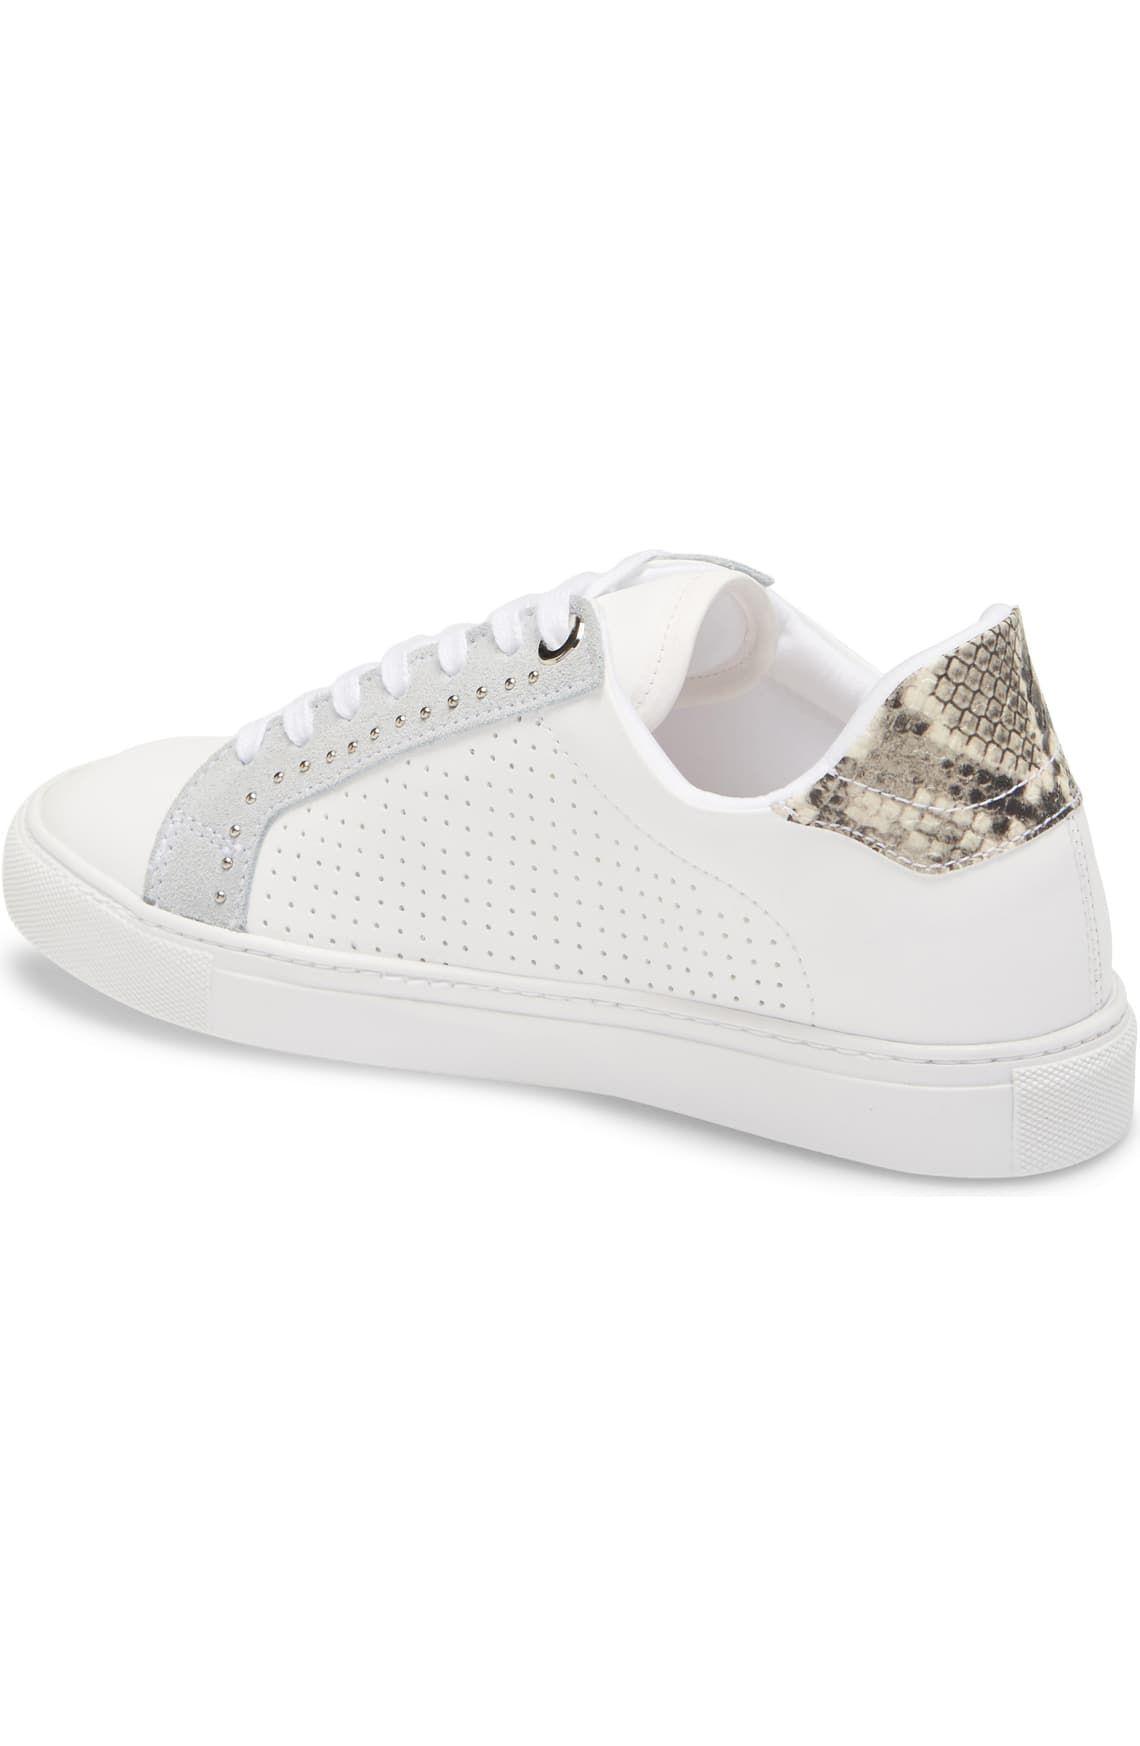 Steve Madden Von Sneaker (Women